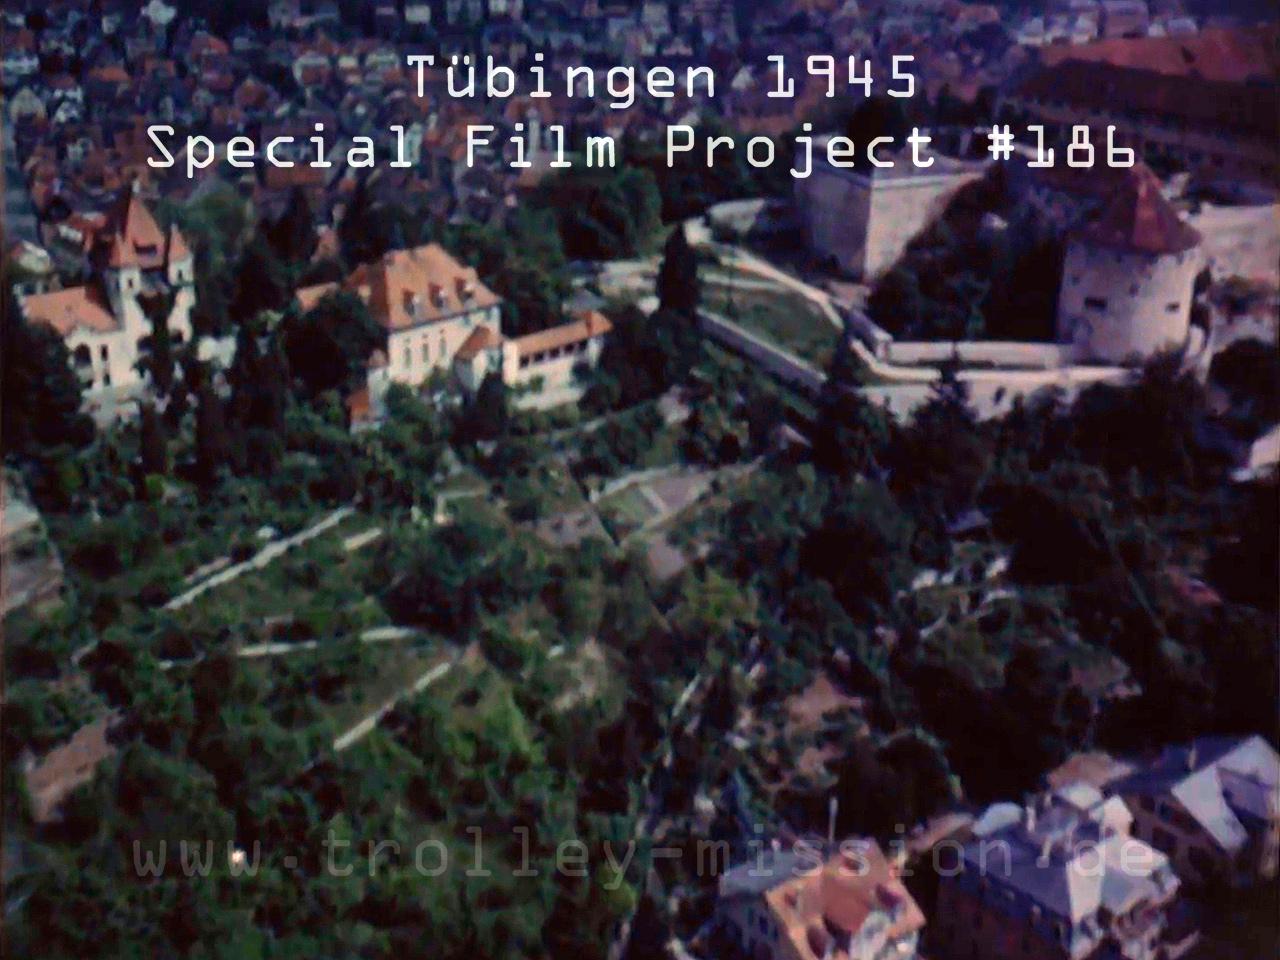 Farbfilm Luftaufnahmen von Tübingen nach den Fliegerbomben und Luftangriffen aus dem Jahr 1945